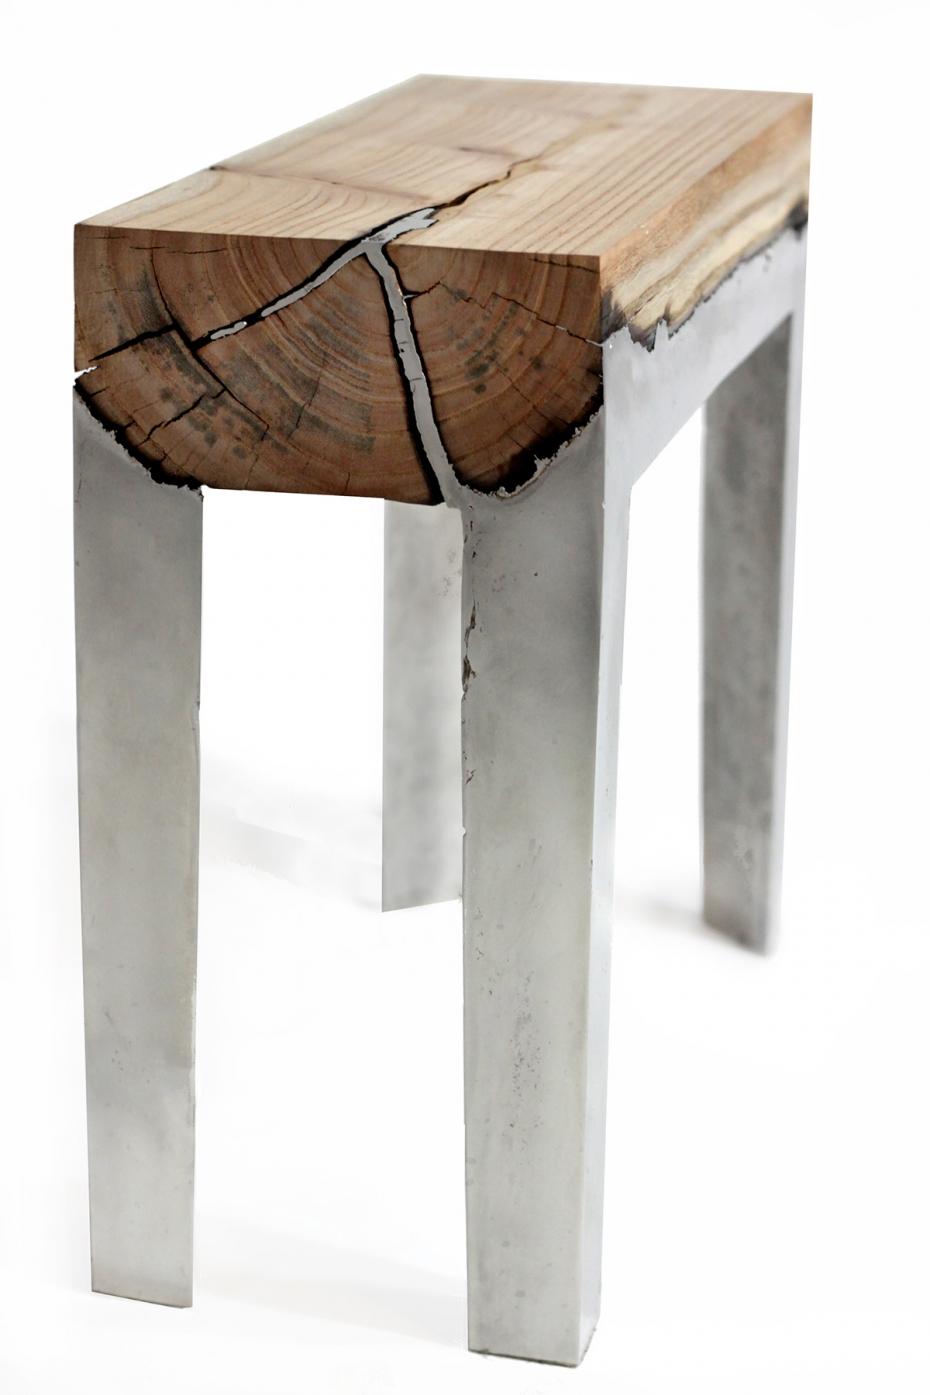 Wood casting - drewno i trochę ciekłego aluminium - 7